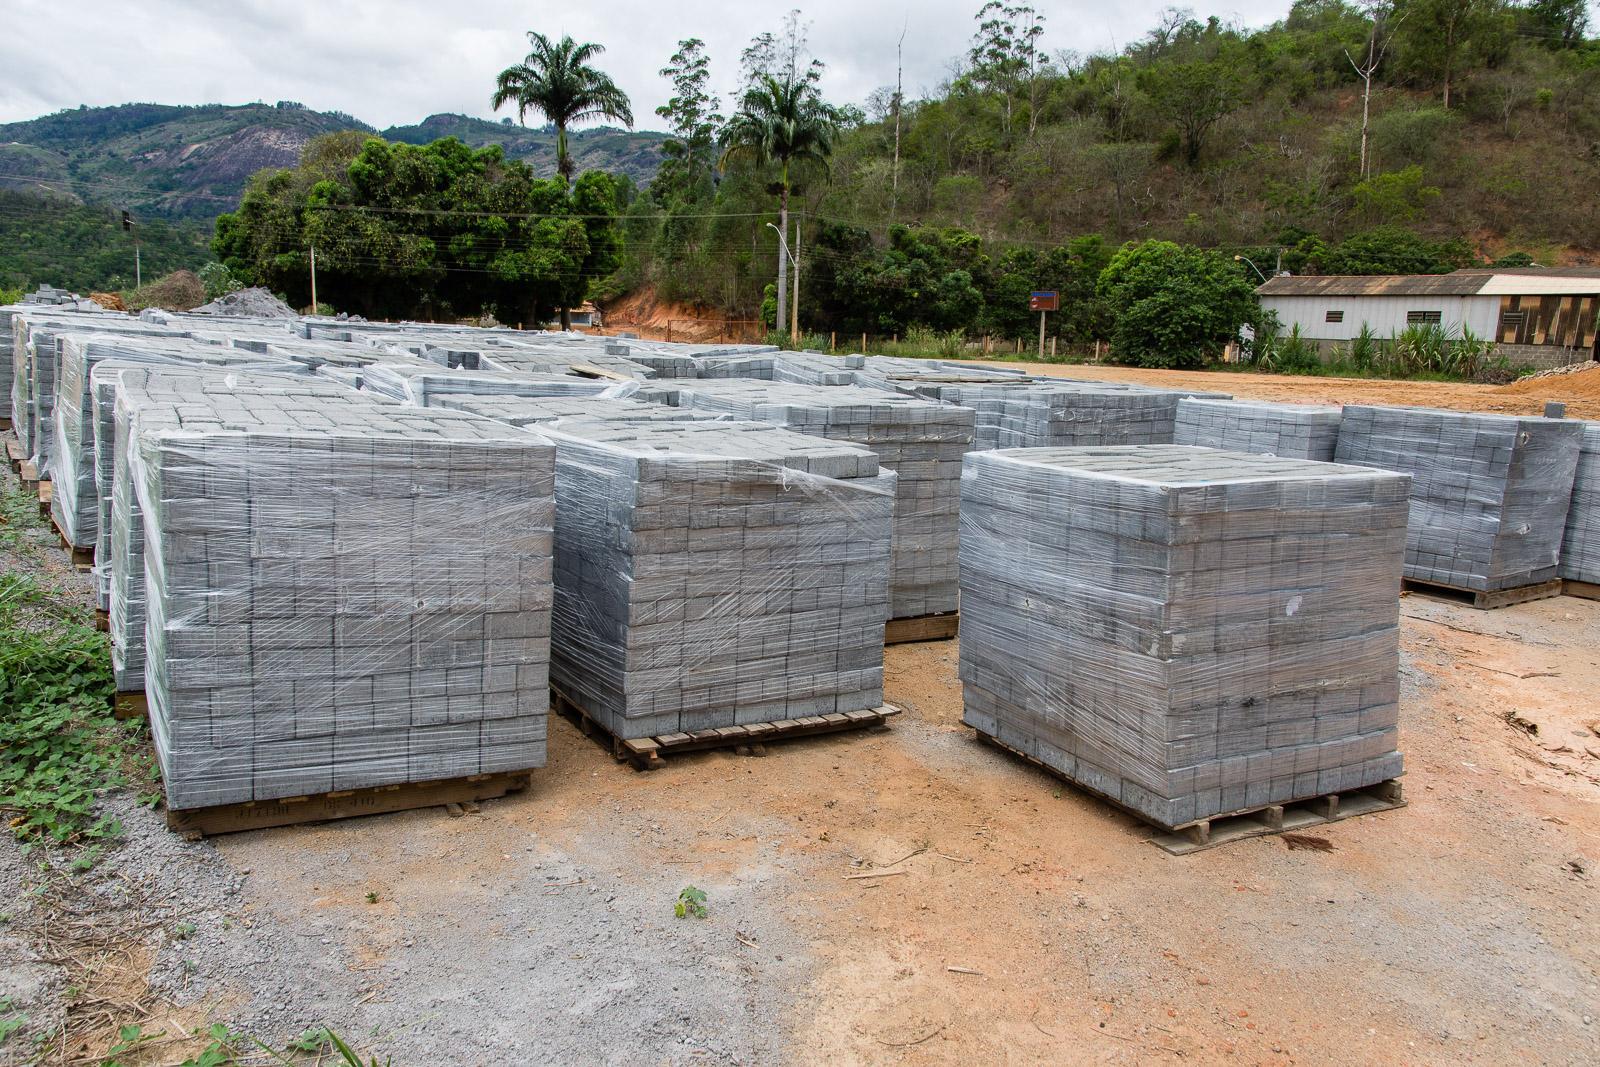 Quatro comunidades de Itarana serão beneficiadas com calçamento rural